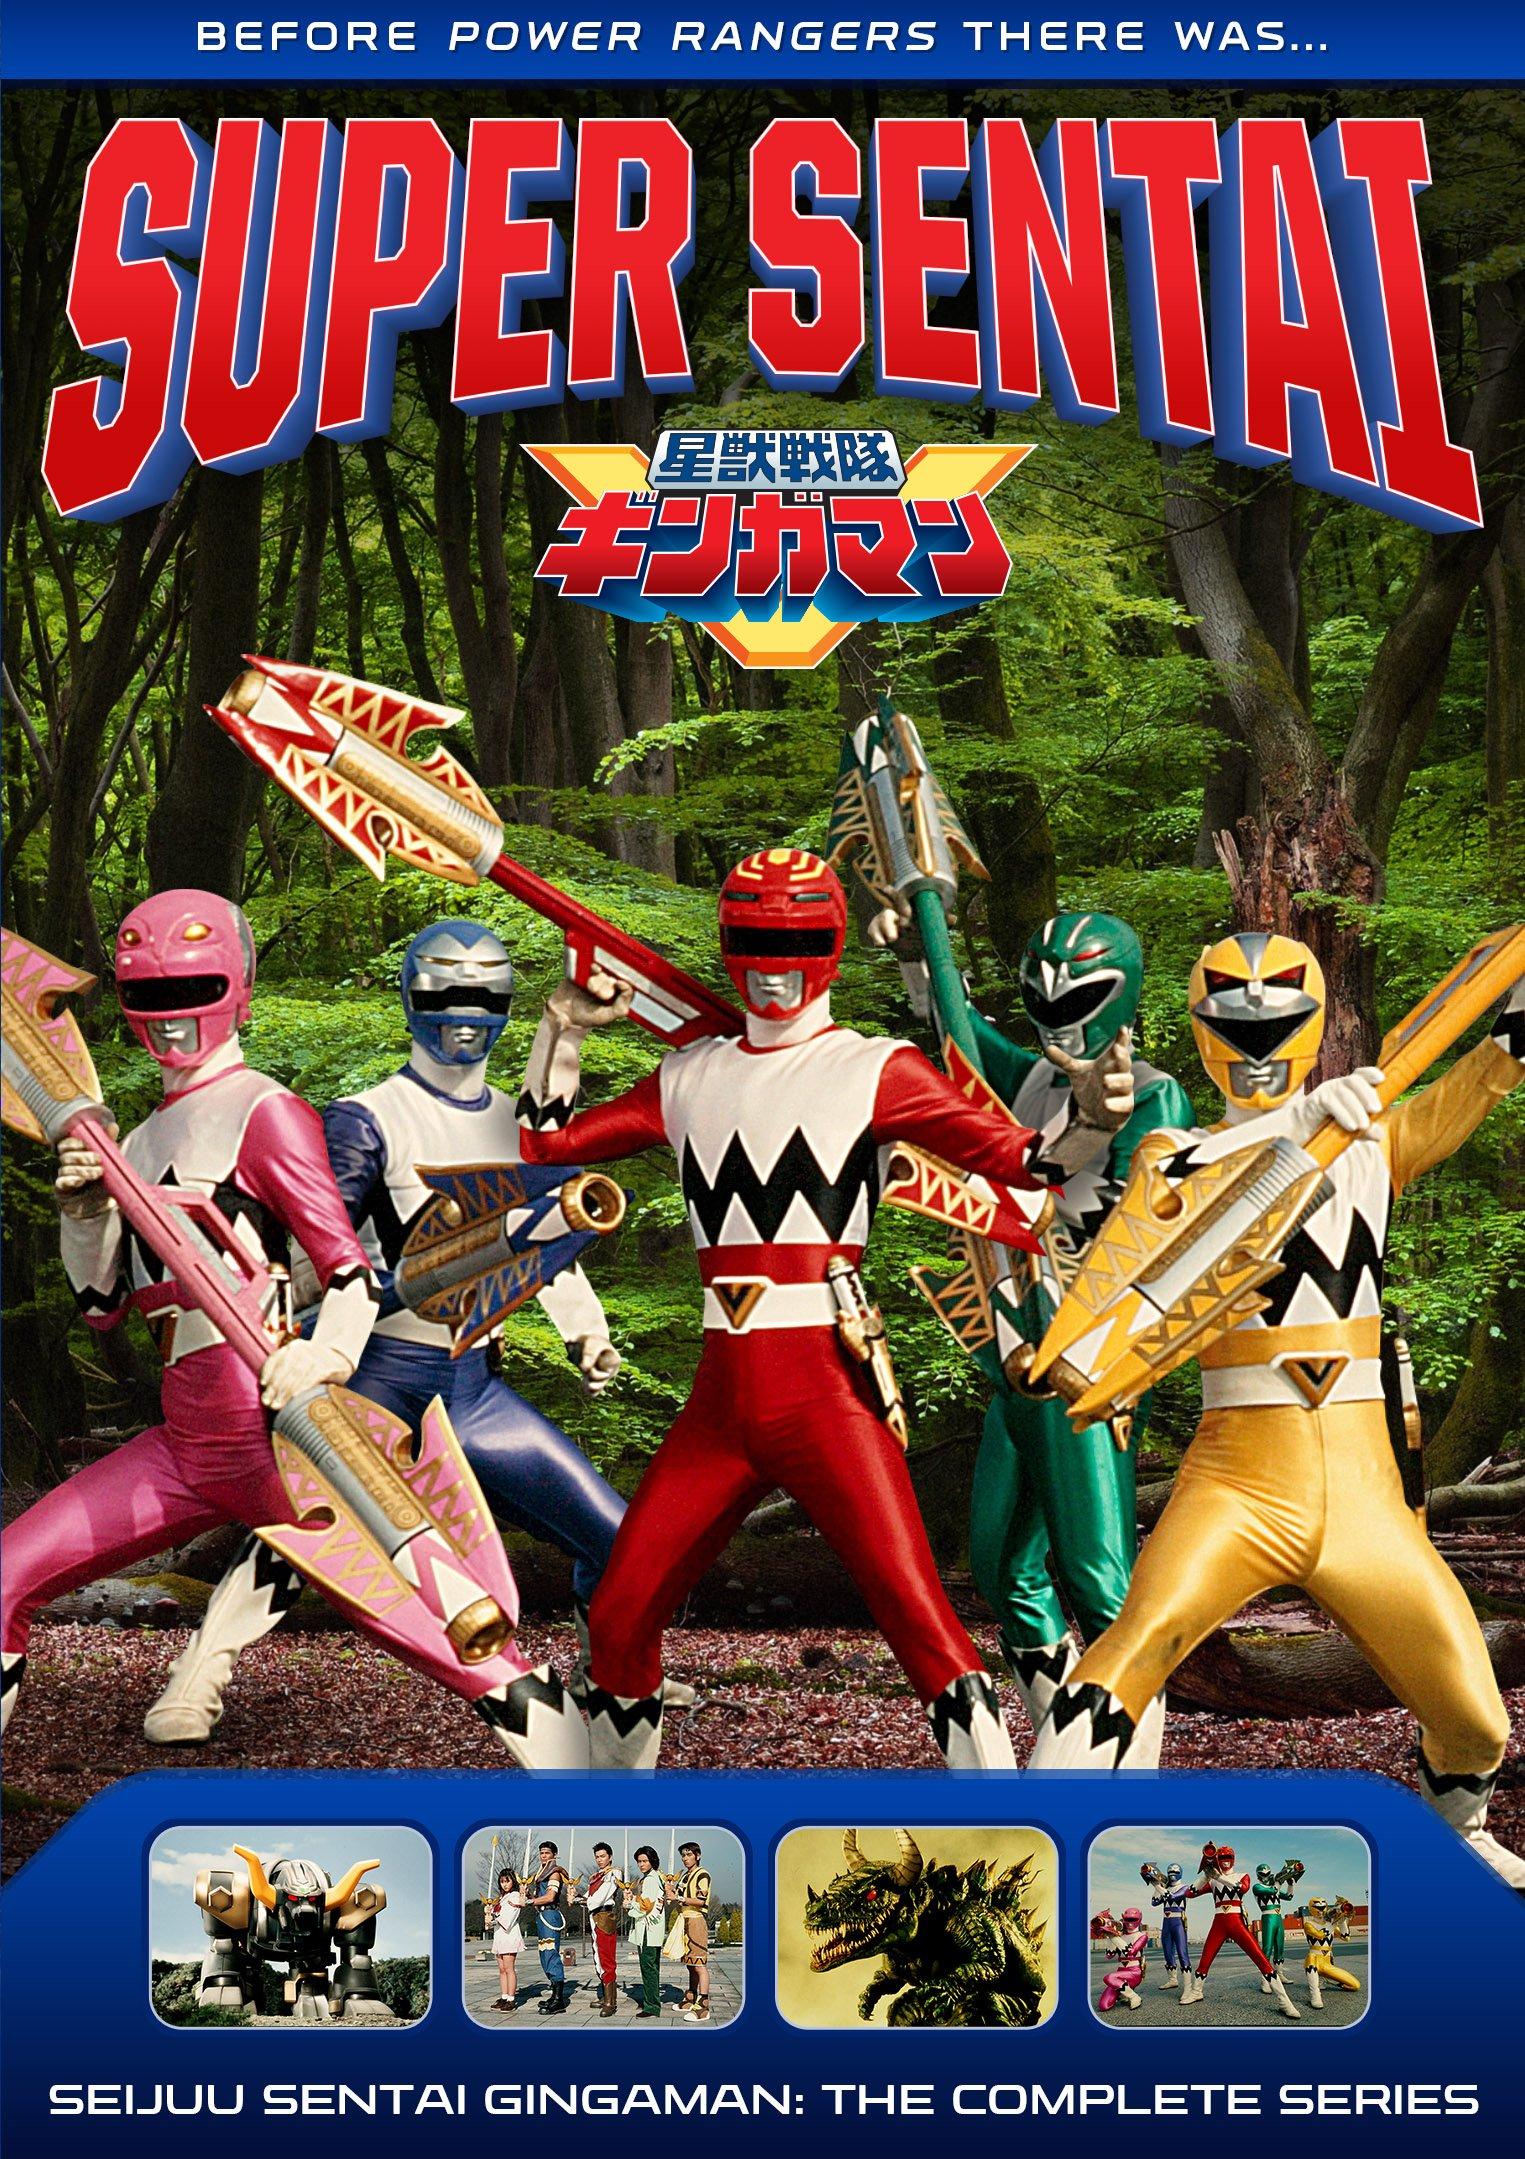 Power Rangers: Super Sentai: Seijuu Sentai Gingaman: The Complete Series